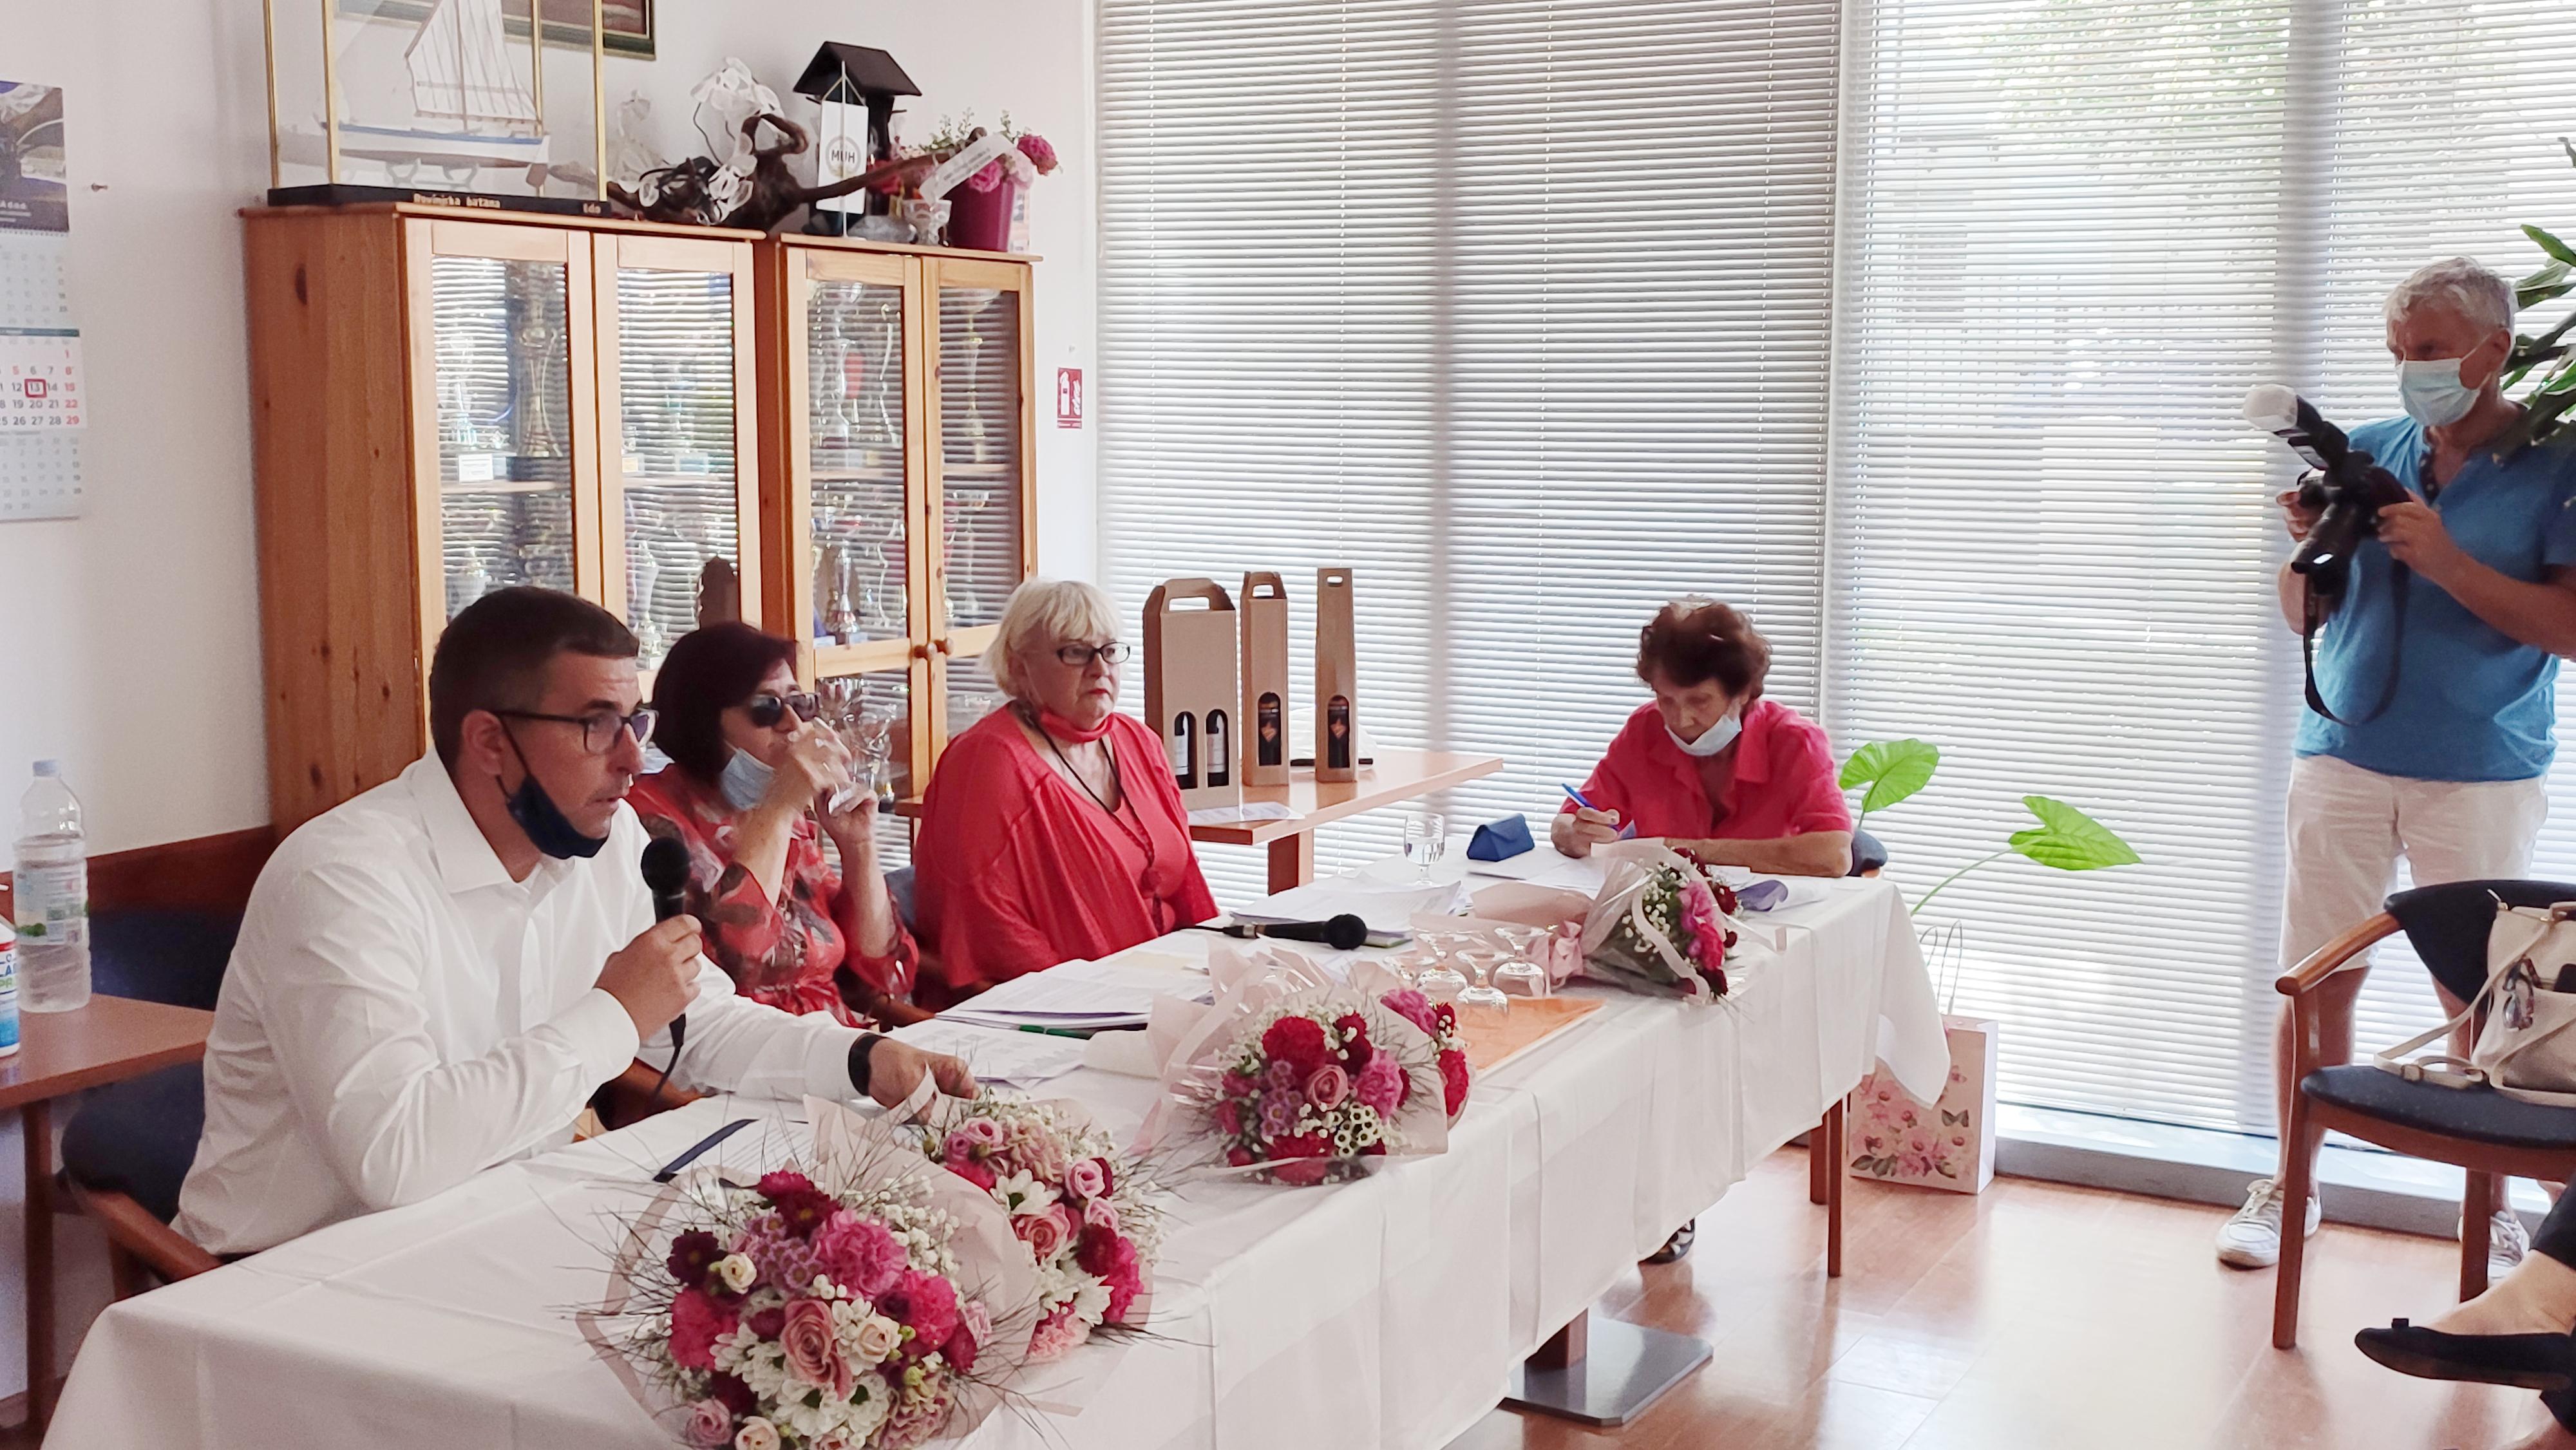 Vesna Milan è la nuova presidente dell'Associazione dei pensionati